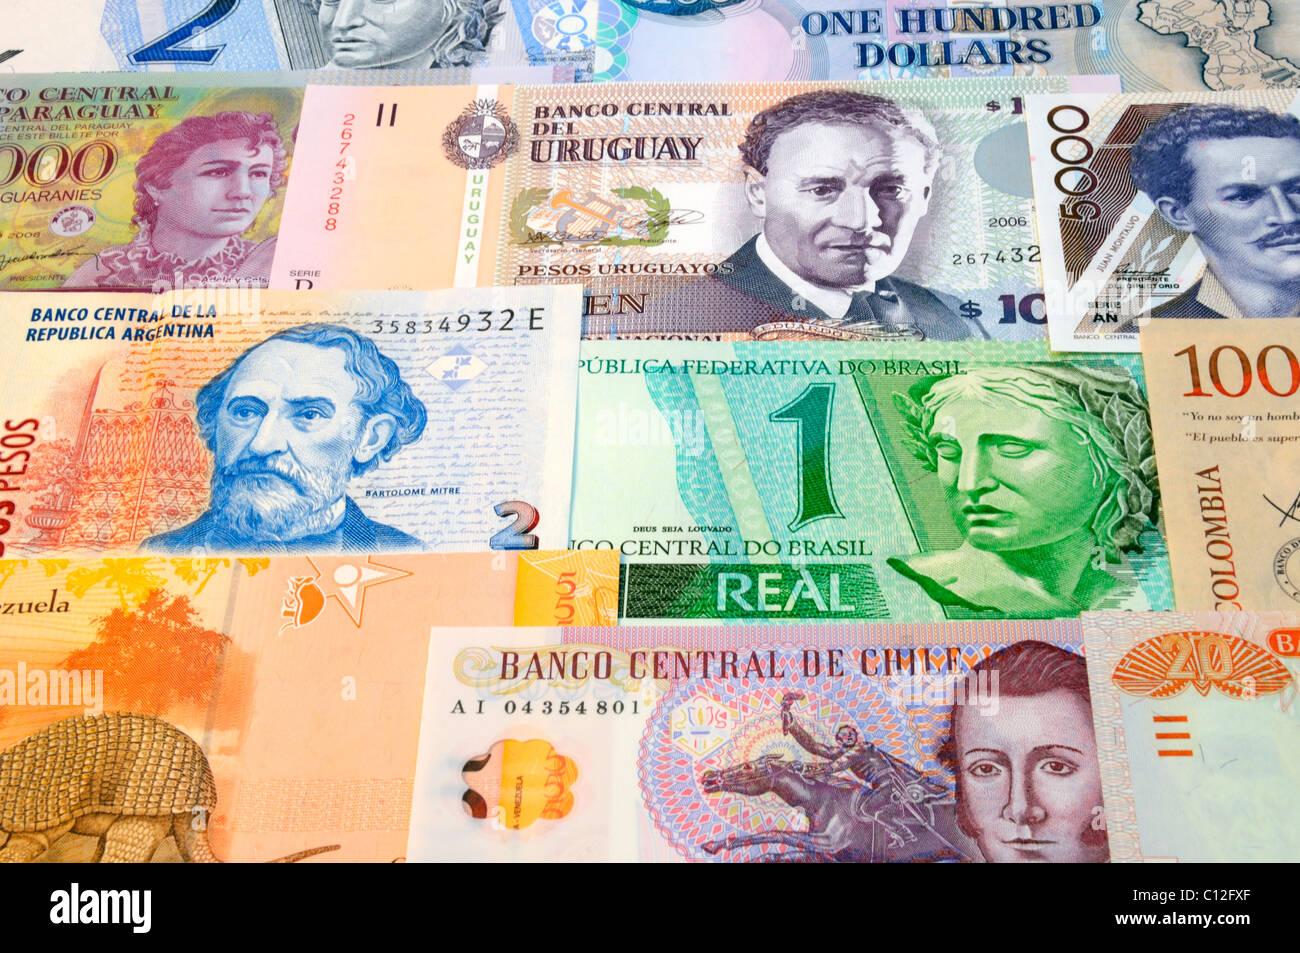 Les billets de banque sud-américaine. Photo Stock